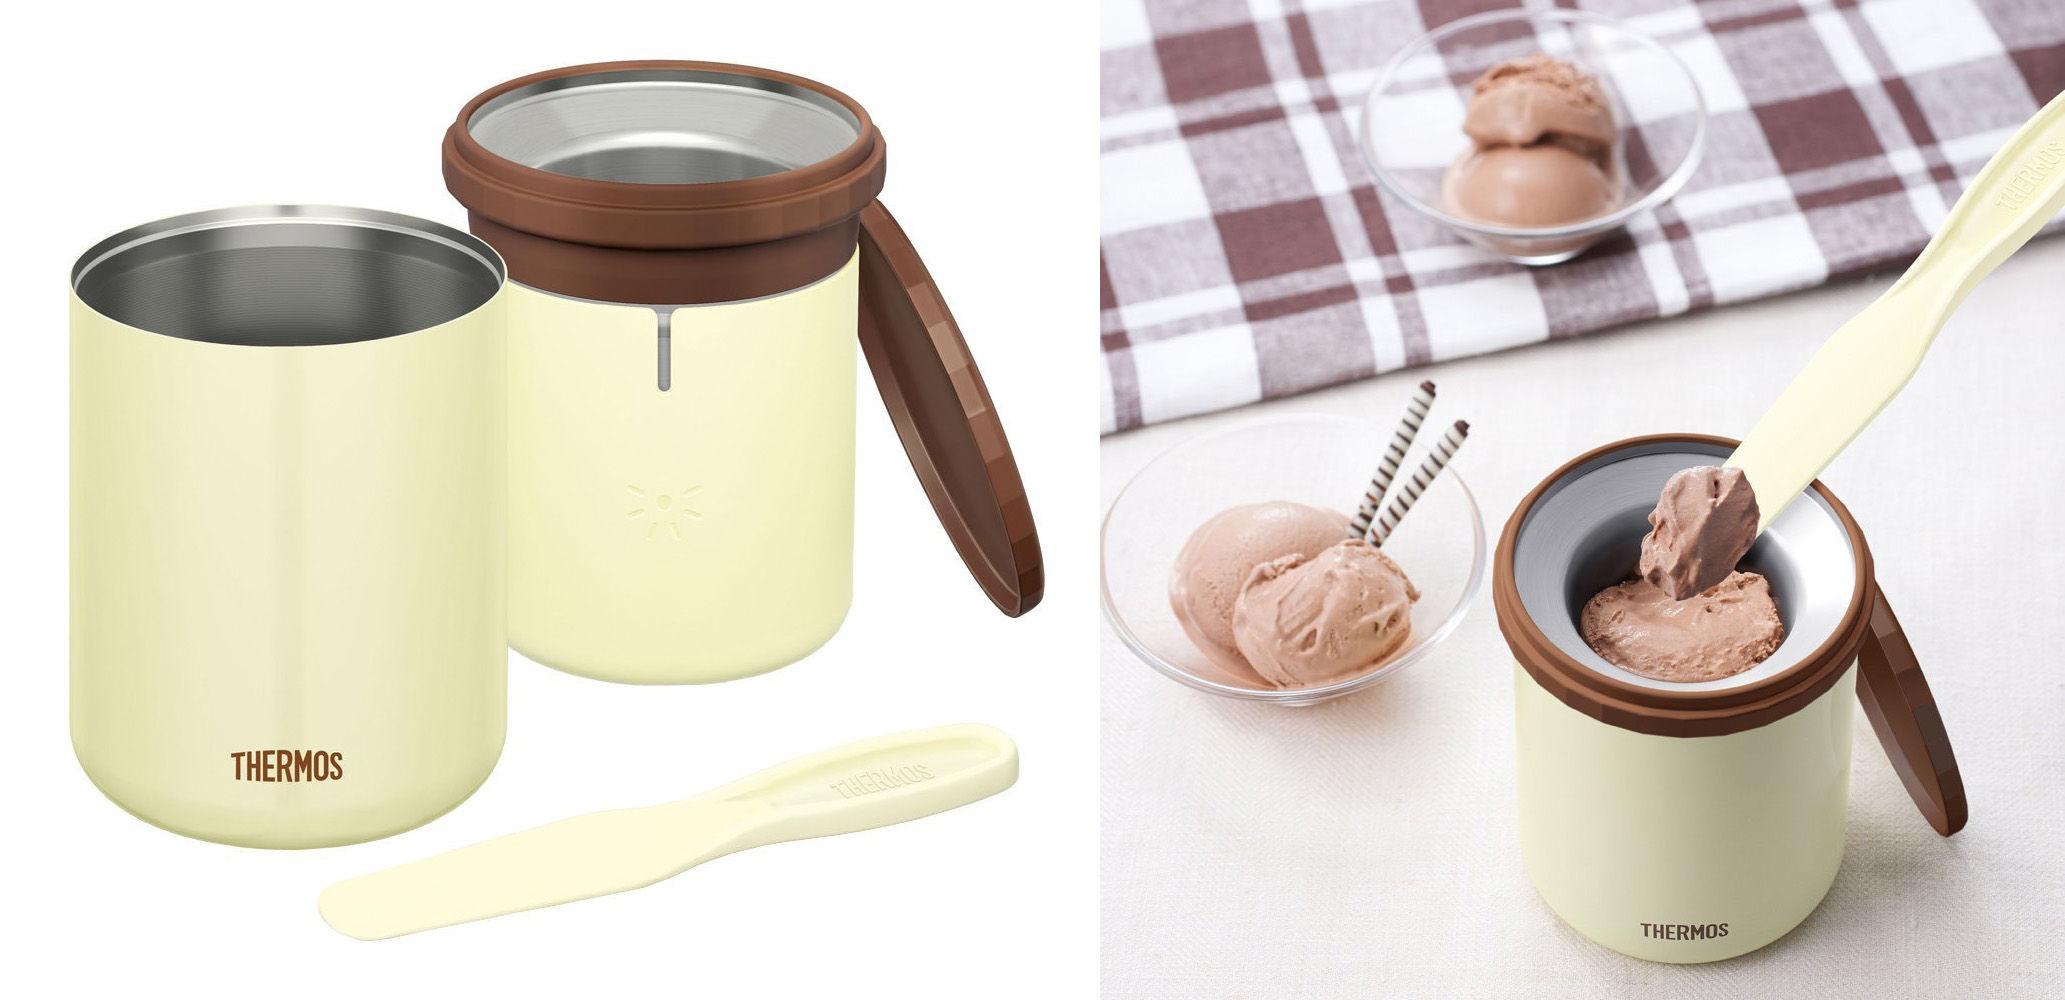 サーモス「真空断熱 アイスクリームメーカー」